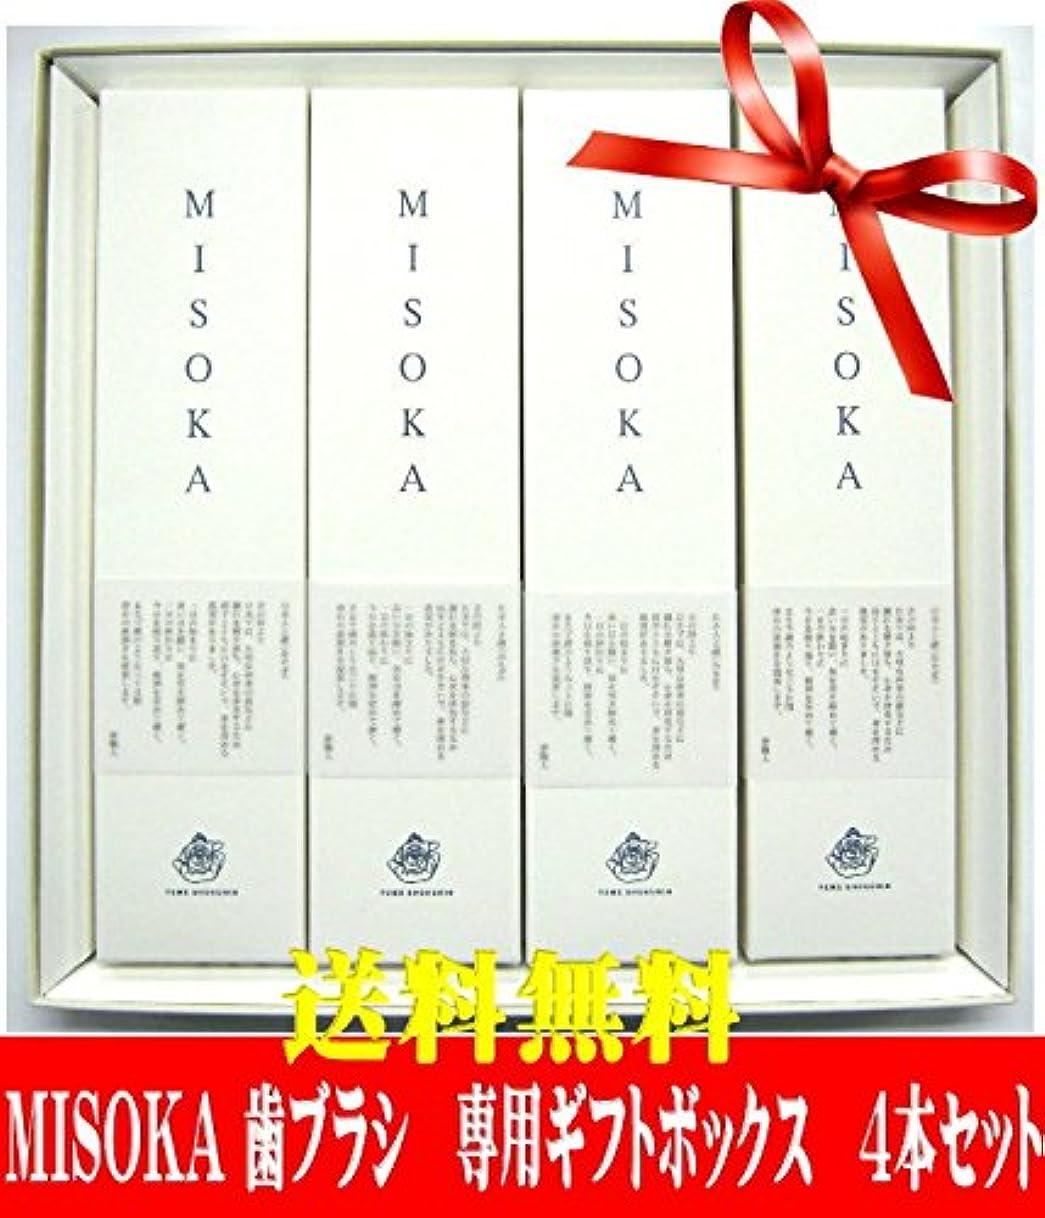 労働典型的な夢職人MISOKA(みそか)歯ブラシ4本ギフトセット